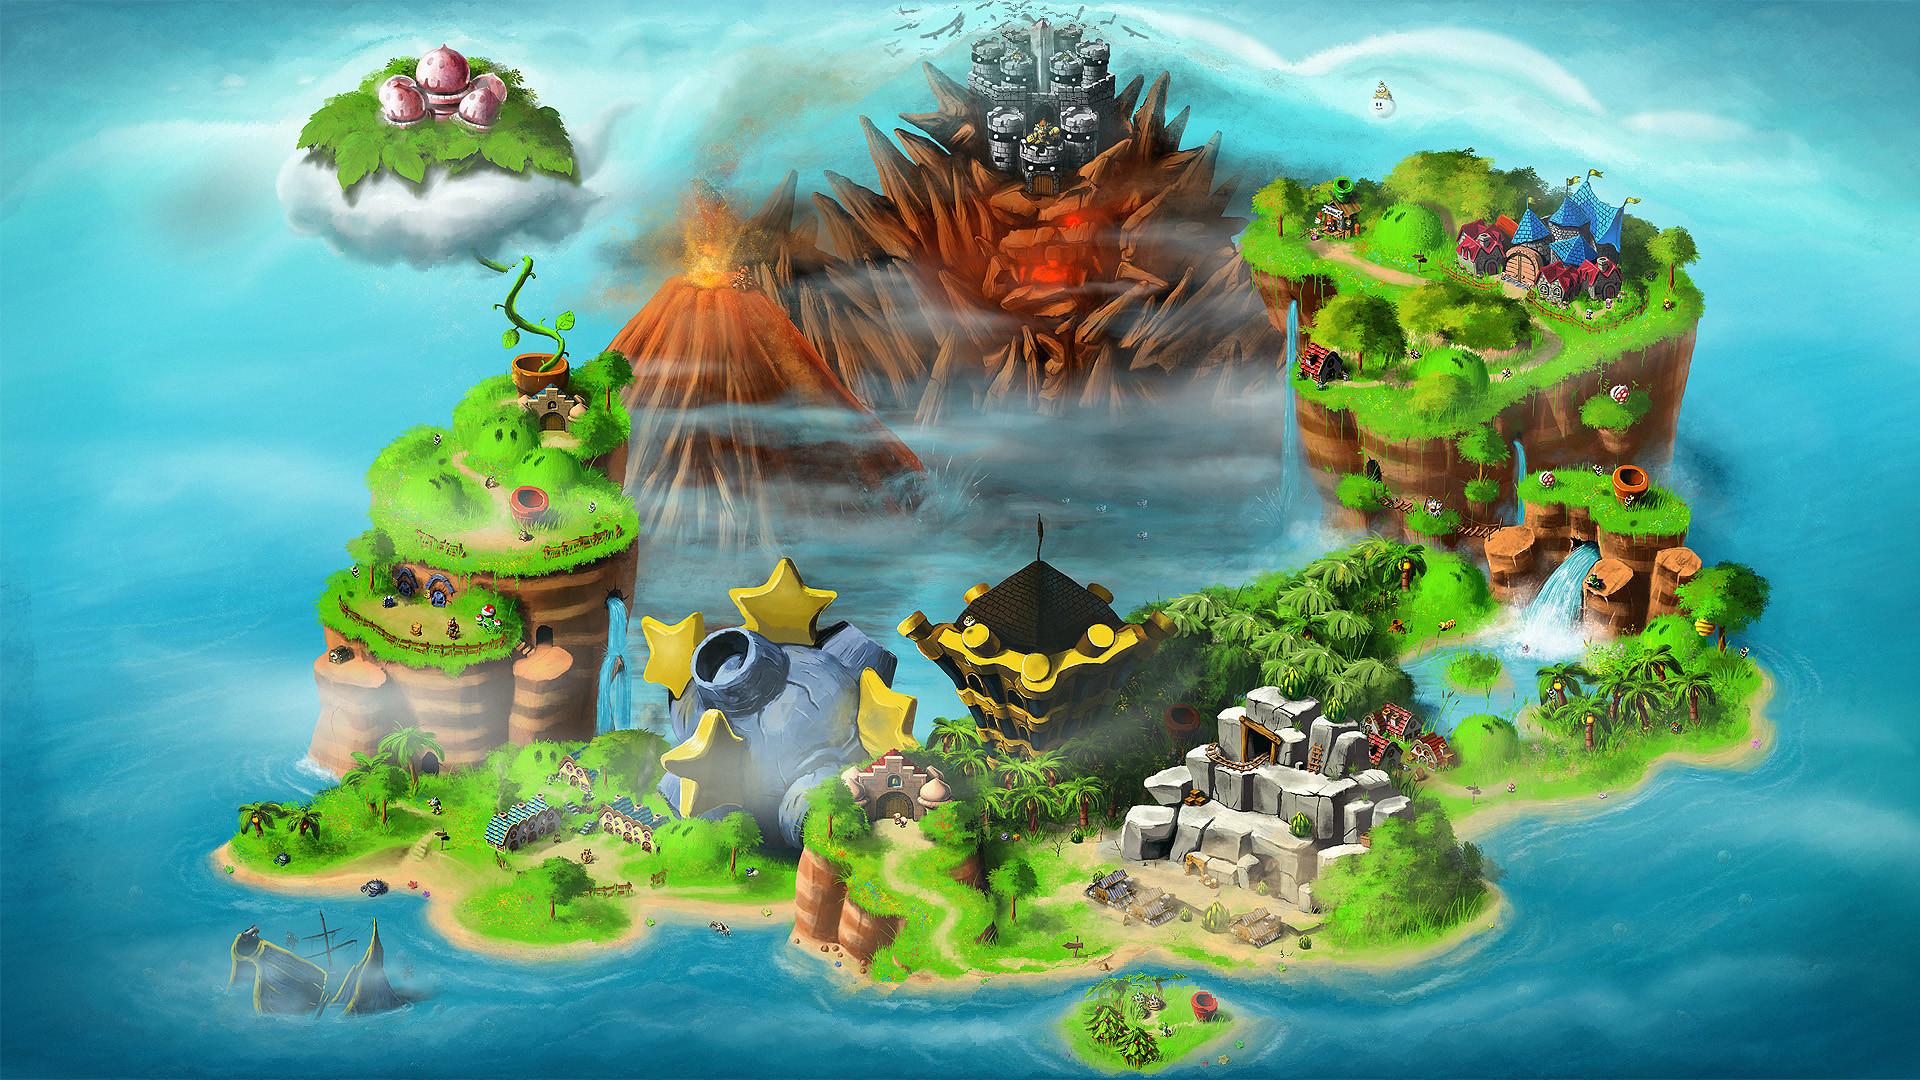 Mario Bowser Wallpaper Mario, Bowser, Maps, Super, Mario .